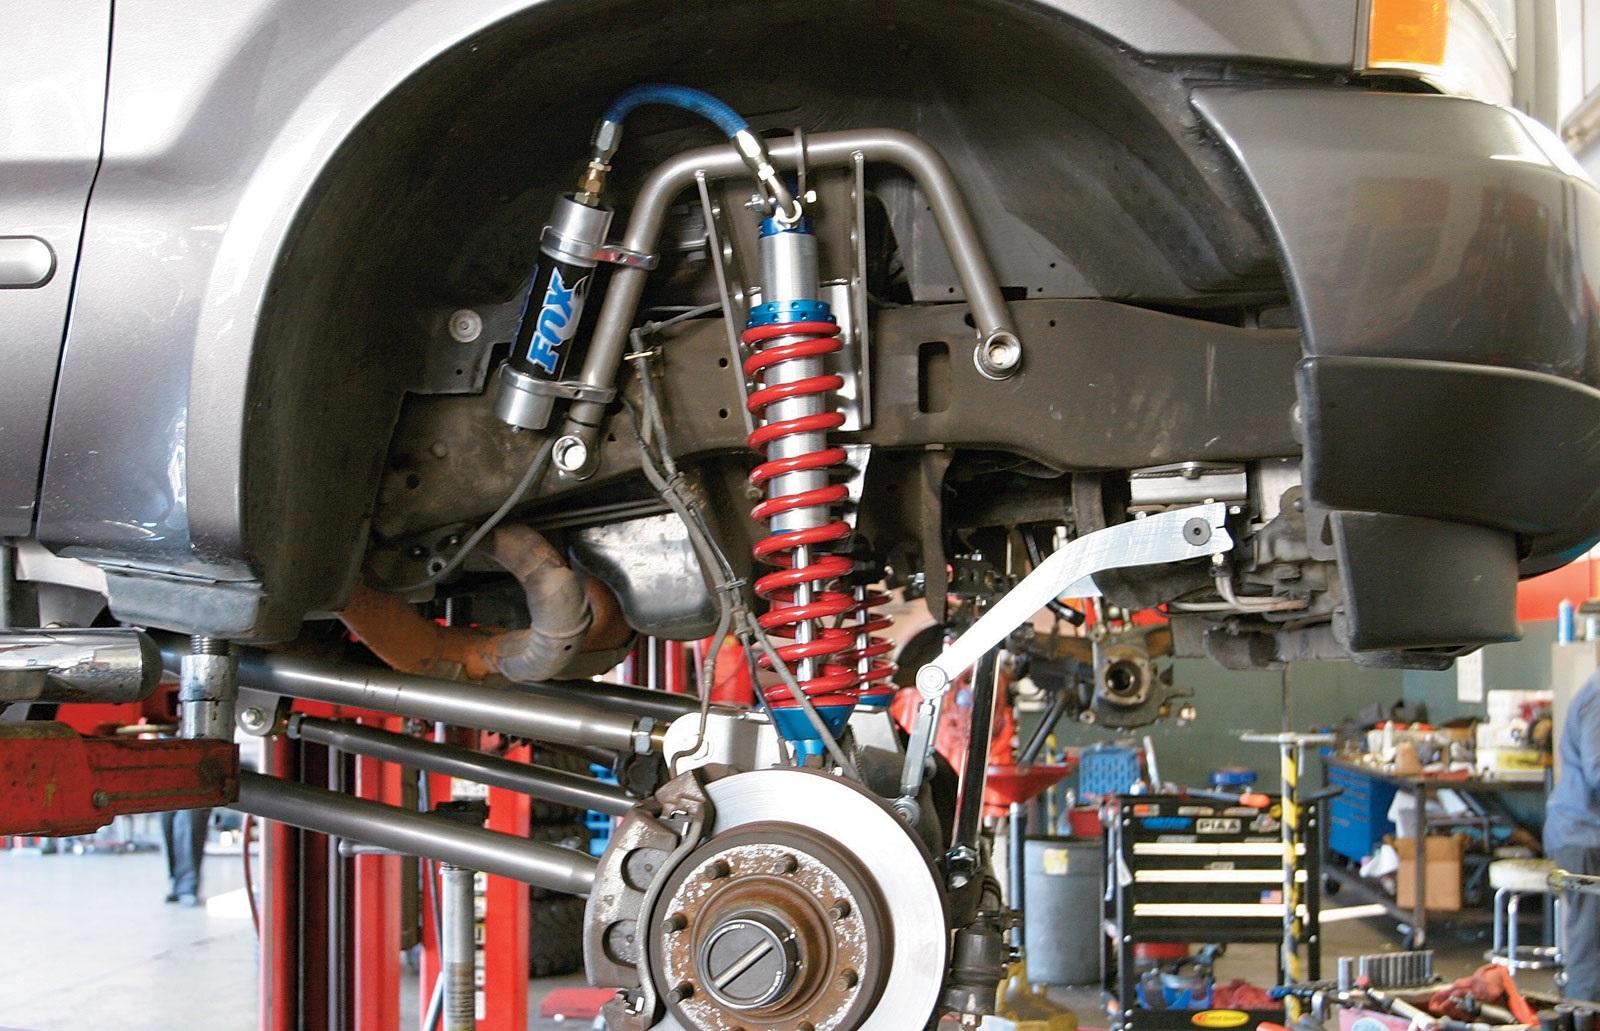 69 Ford F350 Wiring Diagram Tipos De Suspensiones Ventajas Y Desventajas